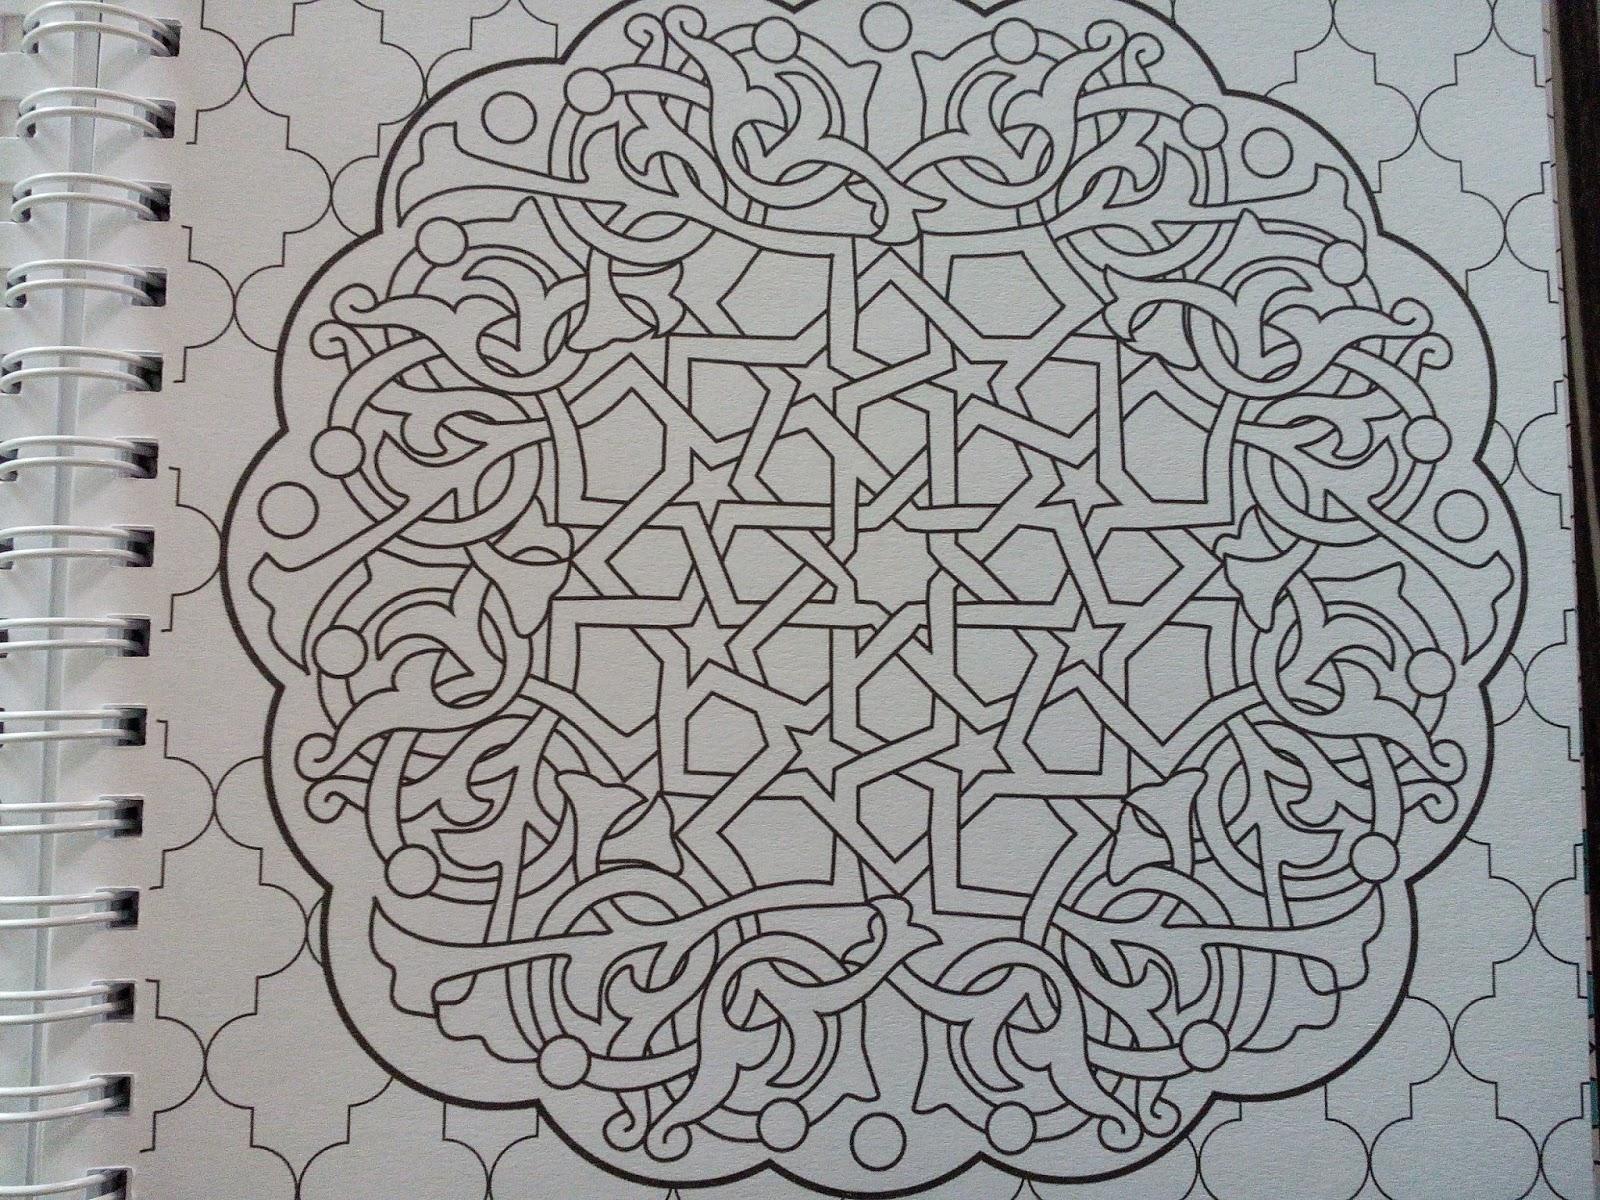 Sous le feuillage Chronique coloriage anti stress Mandalas navajos et Mandalas du Maroc ♥ ♥ ♥